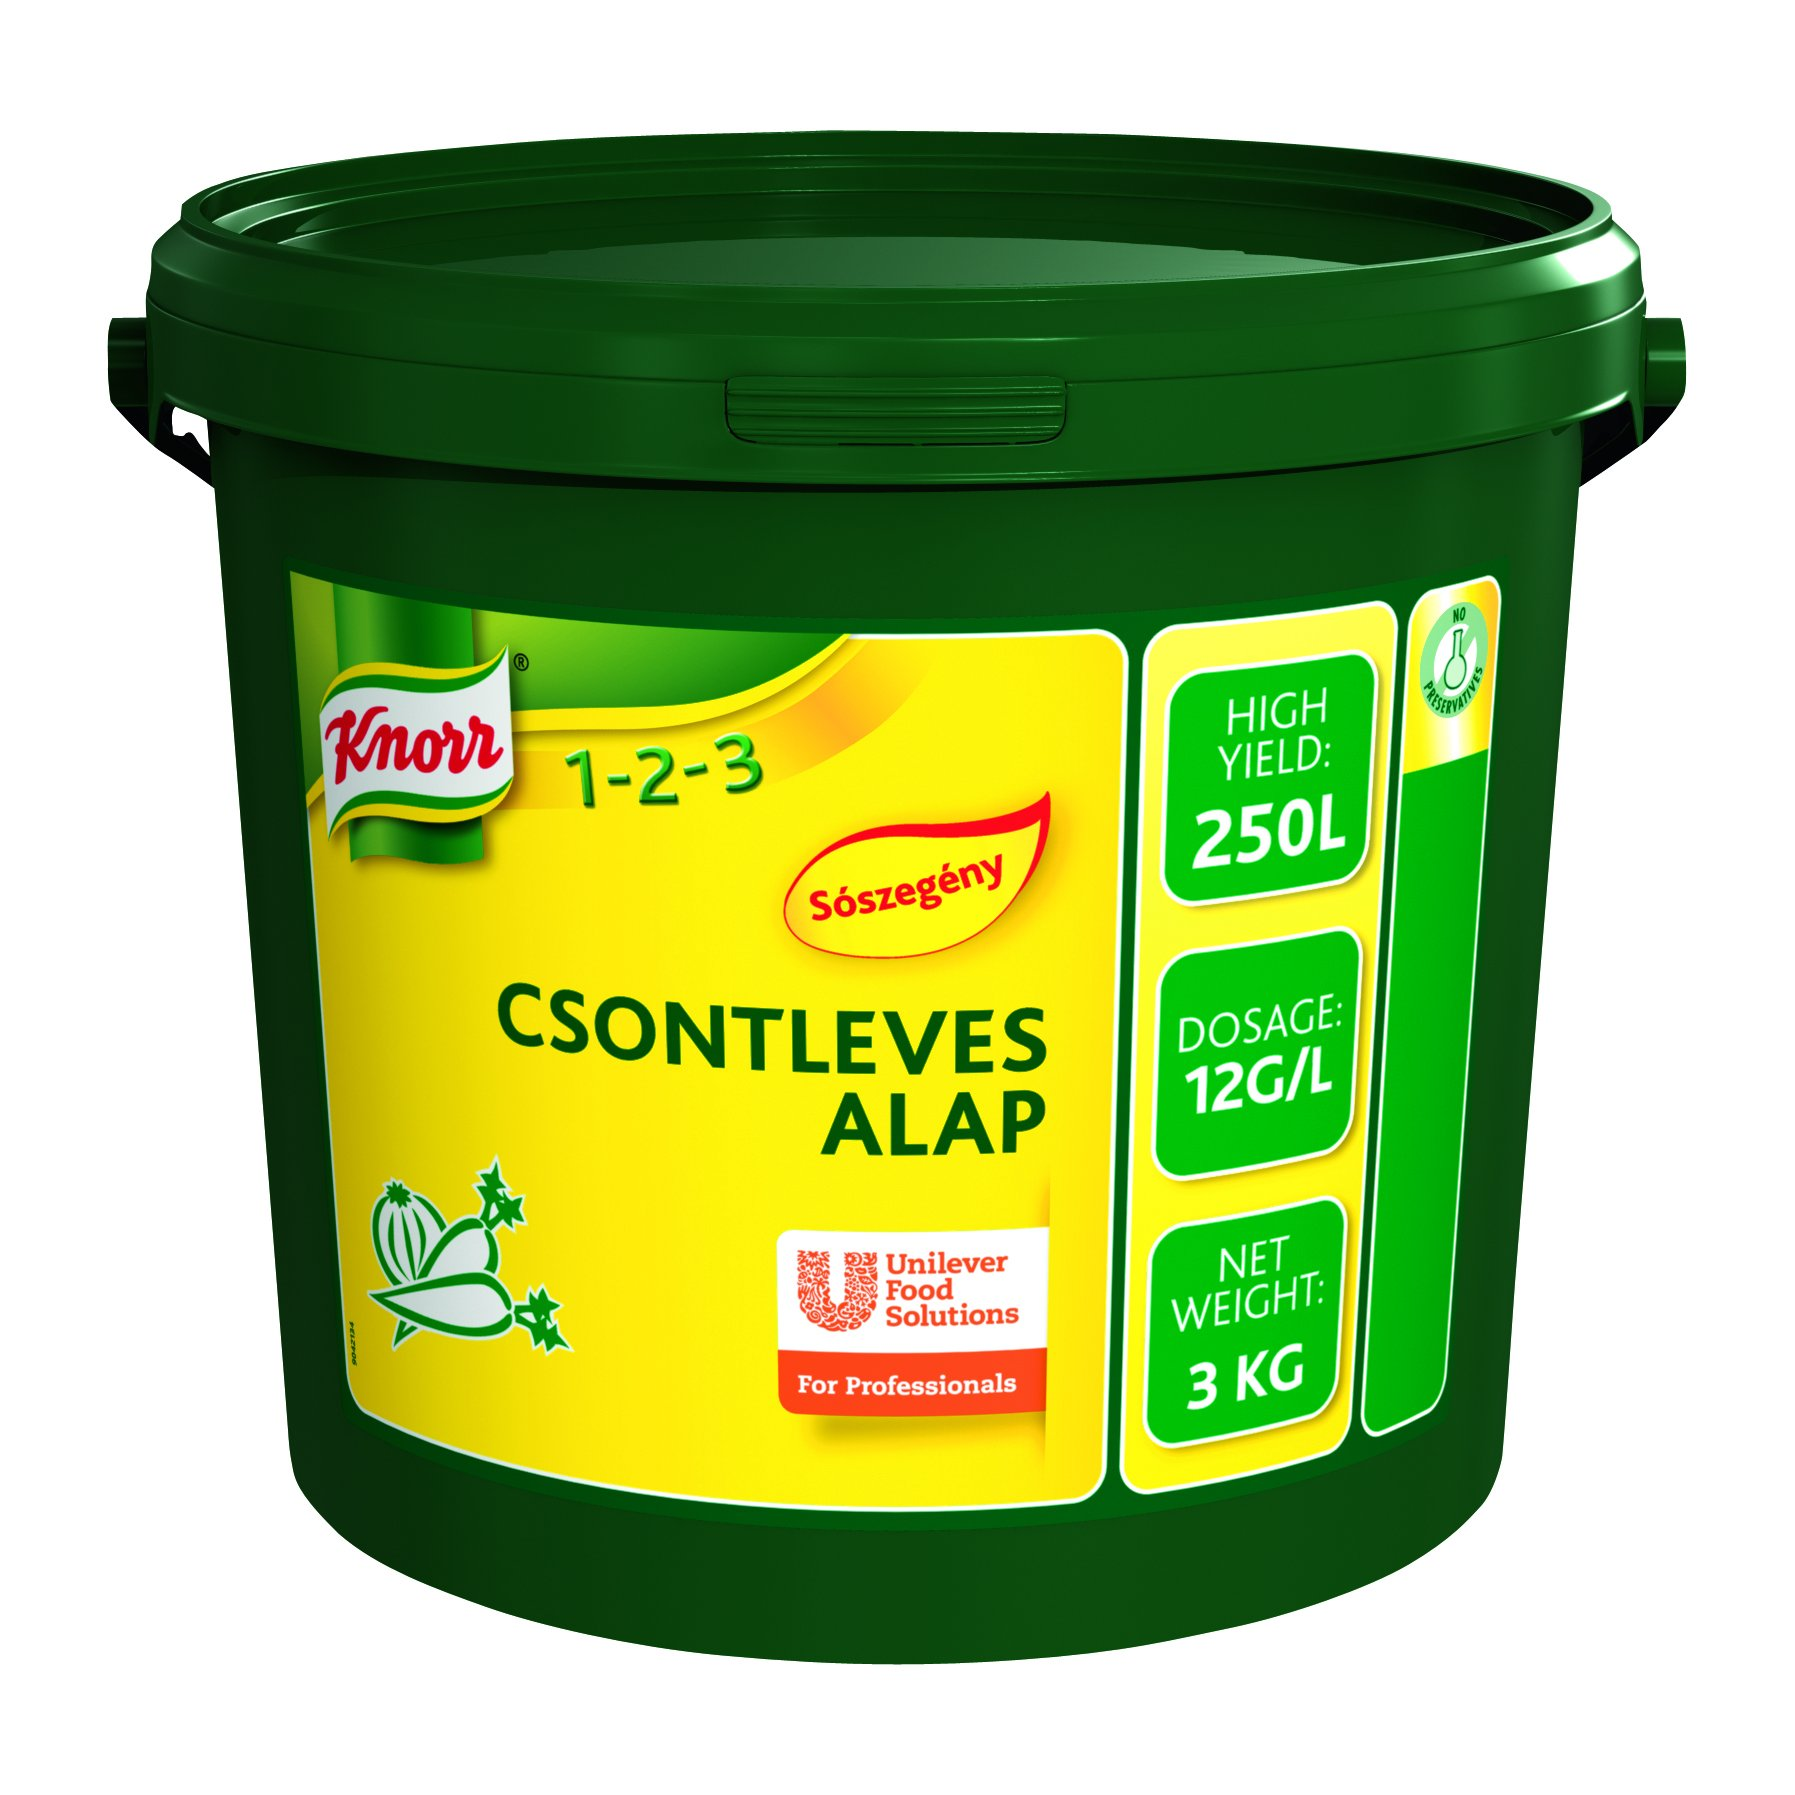 KNORR Csontleves alap - Sószegény 3kg -